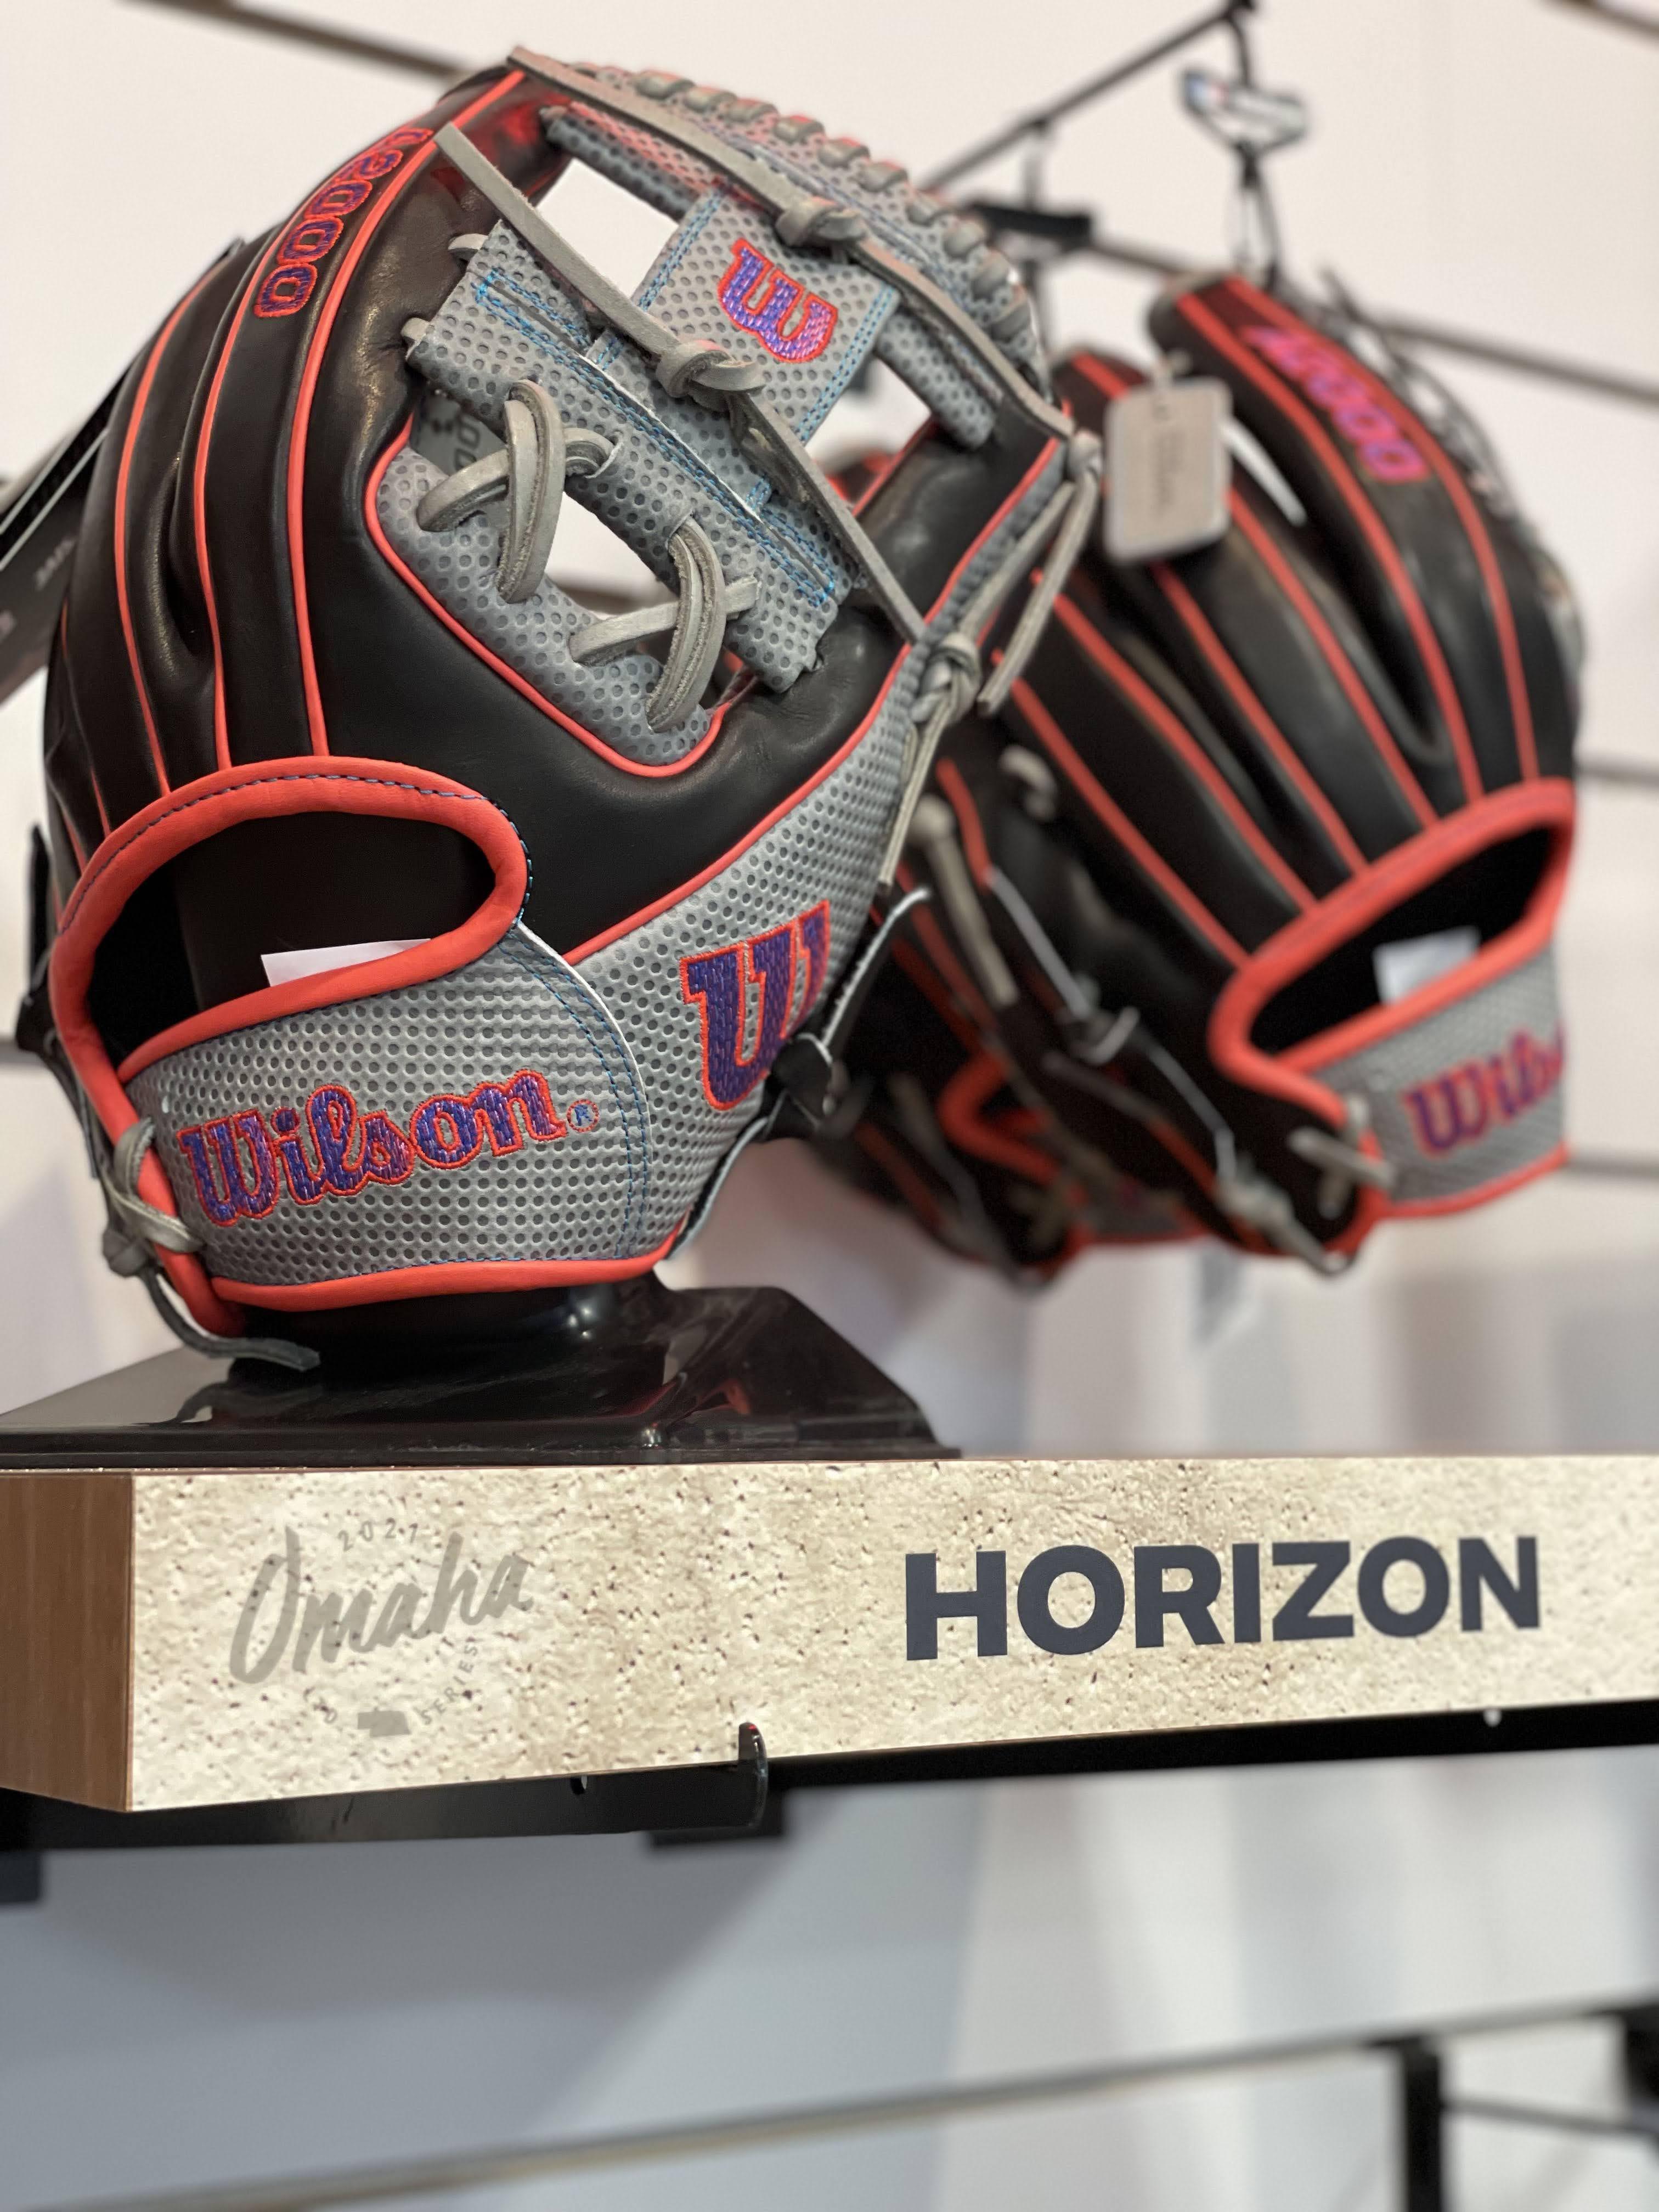 Horizon glove